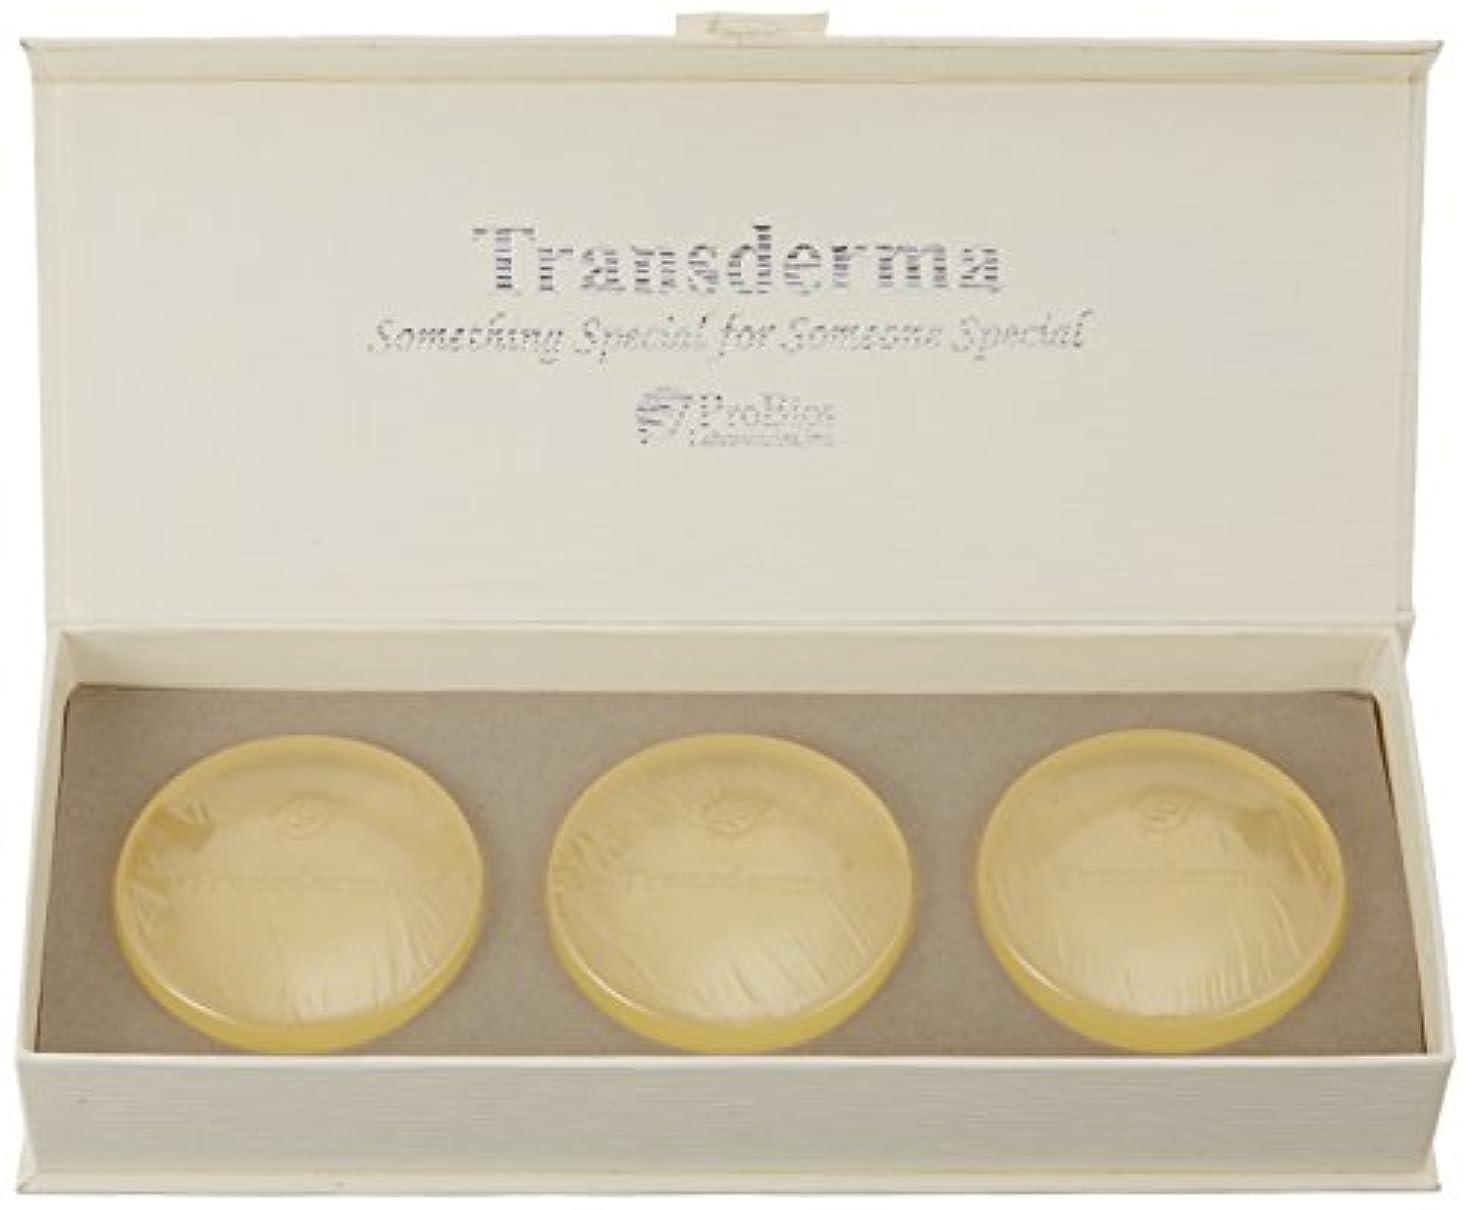 トランスダーマ ソープ(3個入)